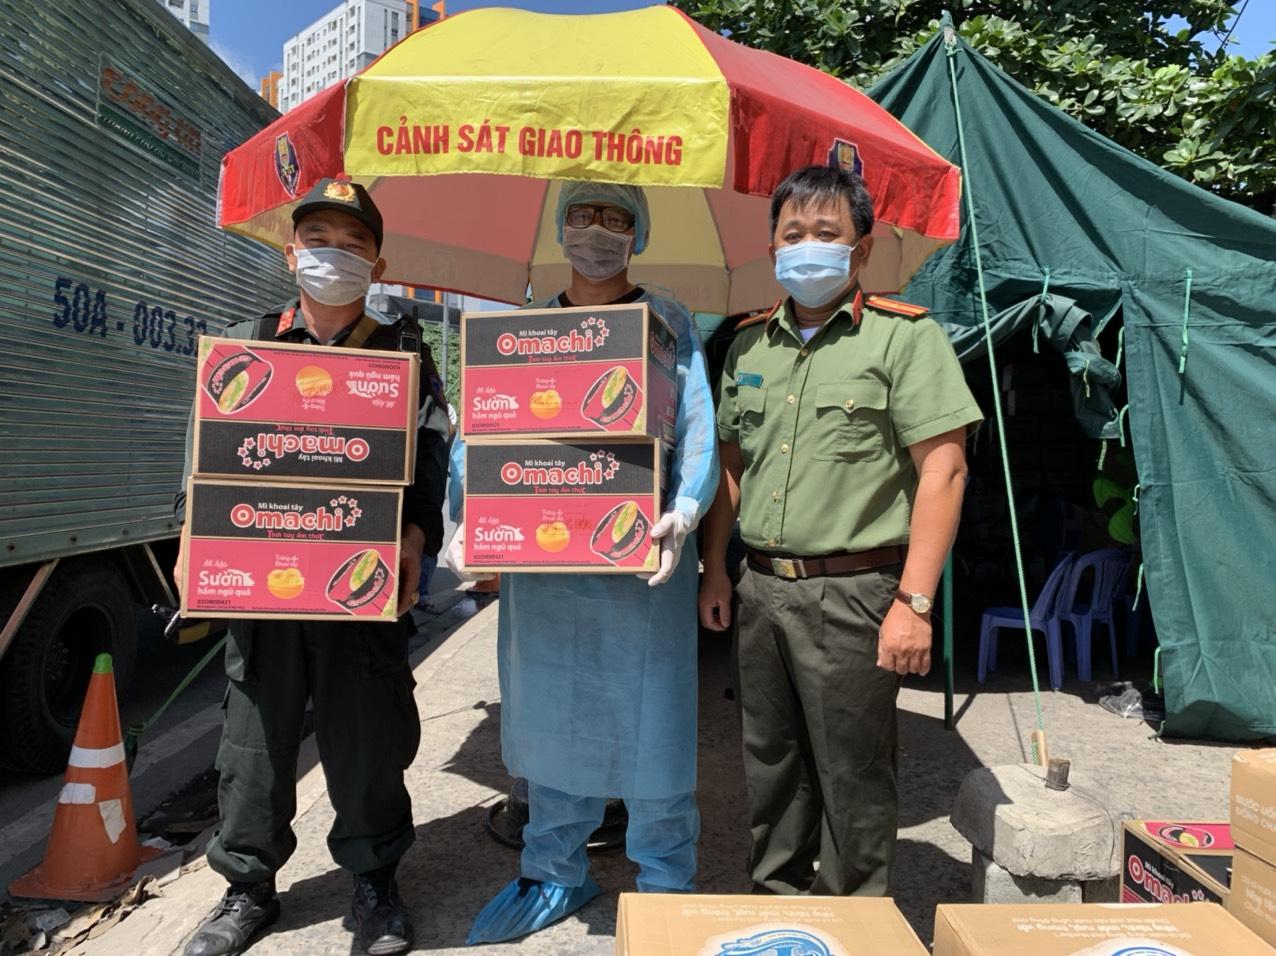 Các sản phẩm thiết yếu của Tập đoàn Masan được trao tận tay các nhân viên y tế và lực lượng công an tại các chốt chống dịch ở TP.HCM.jpg